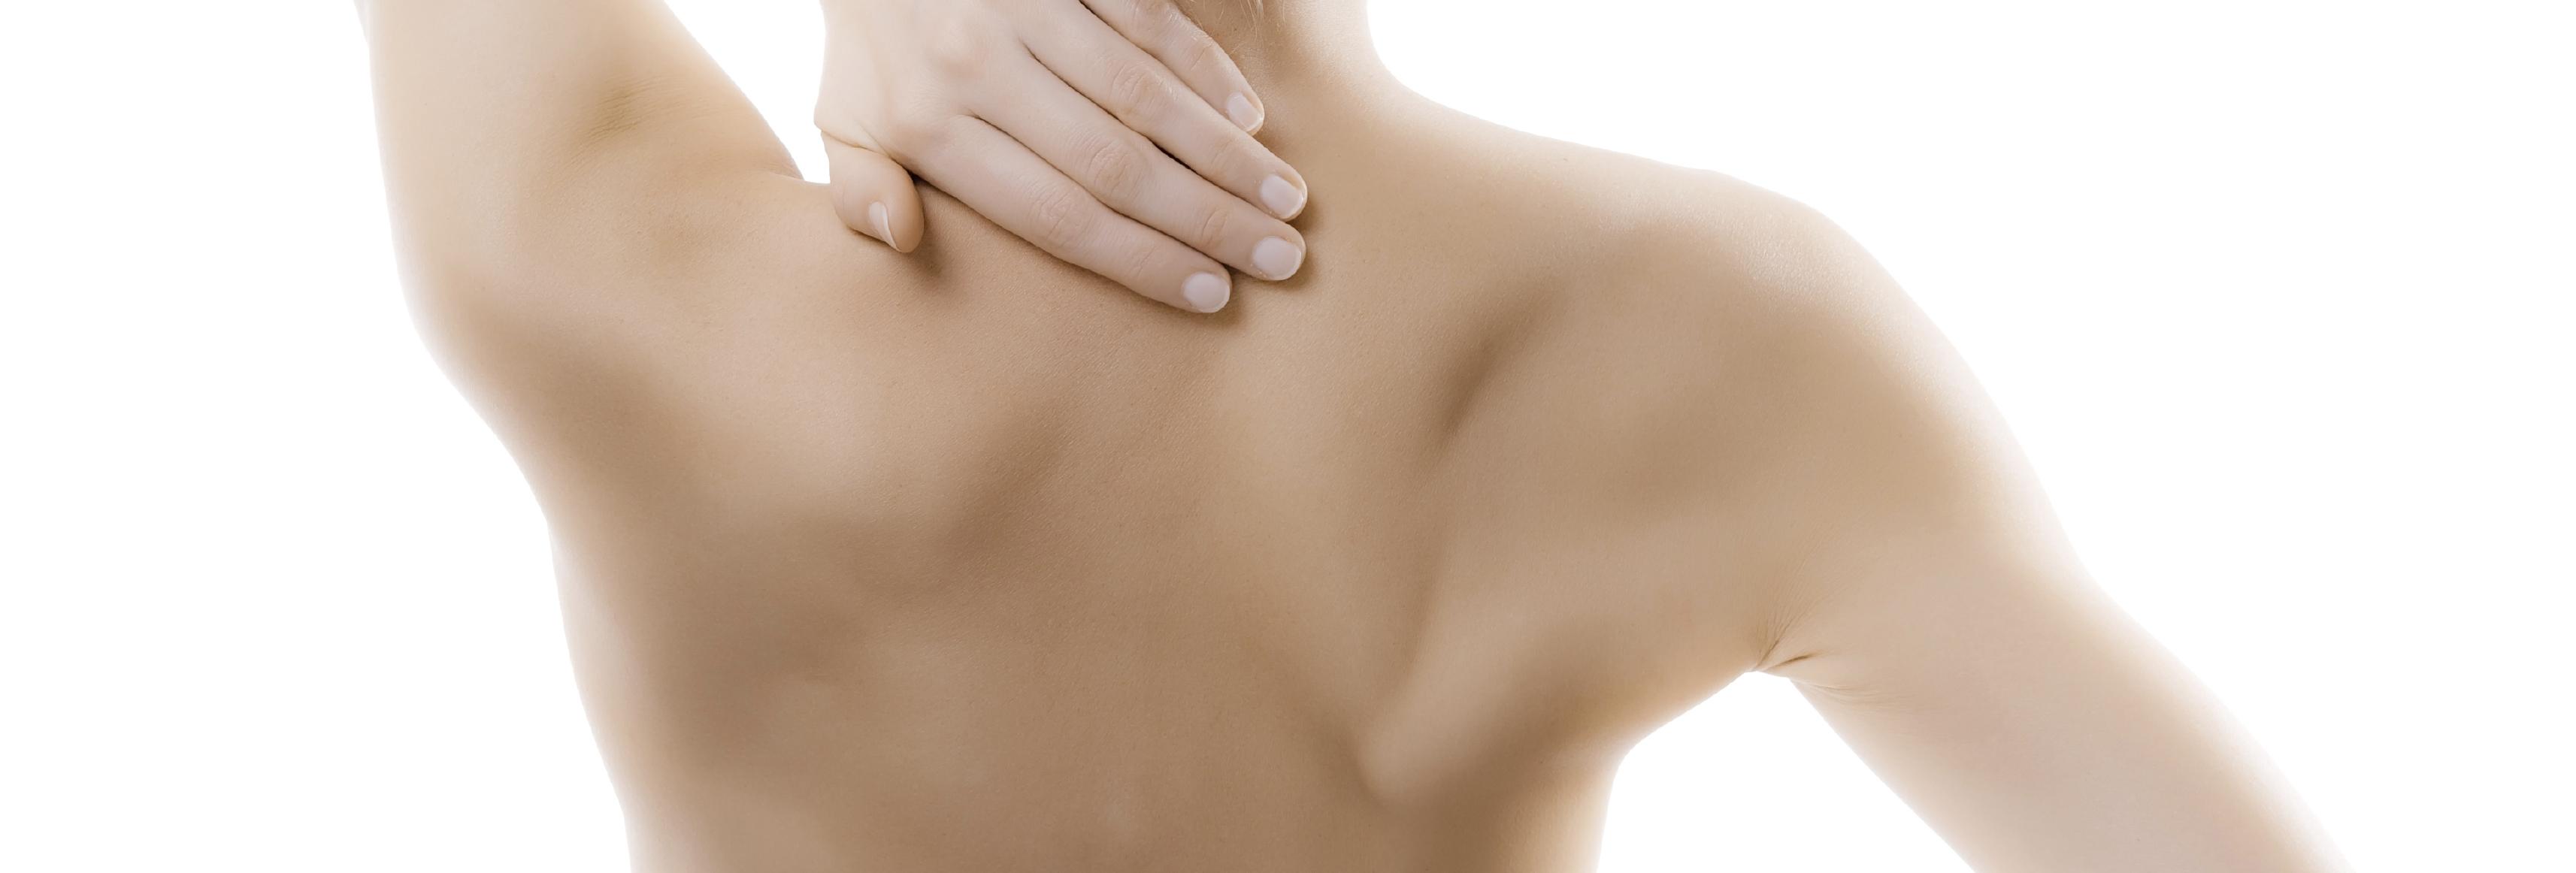 Lesiones de hombro: Tendinitis del manguito rotador - Dr. Ignacio Dallo